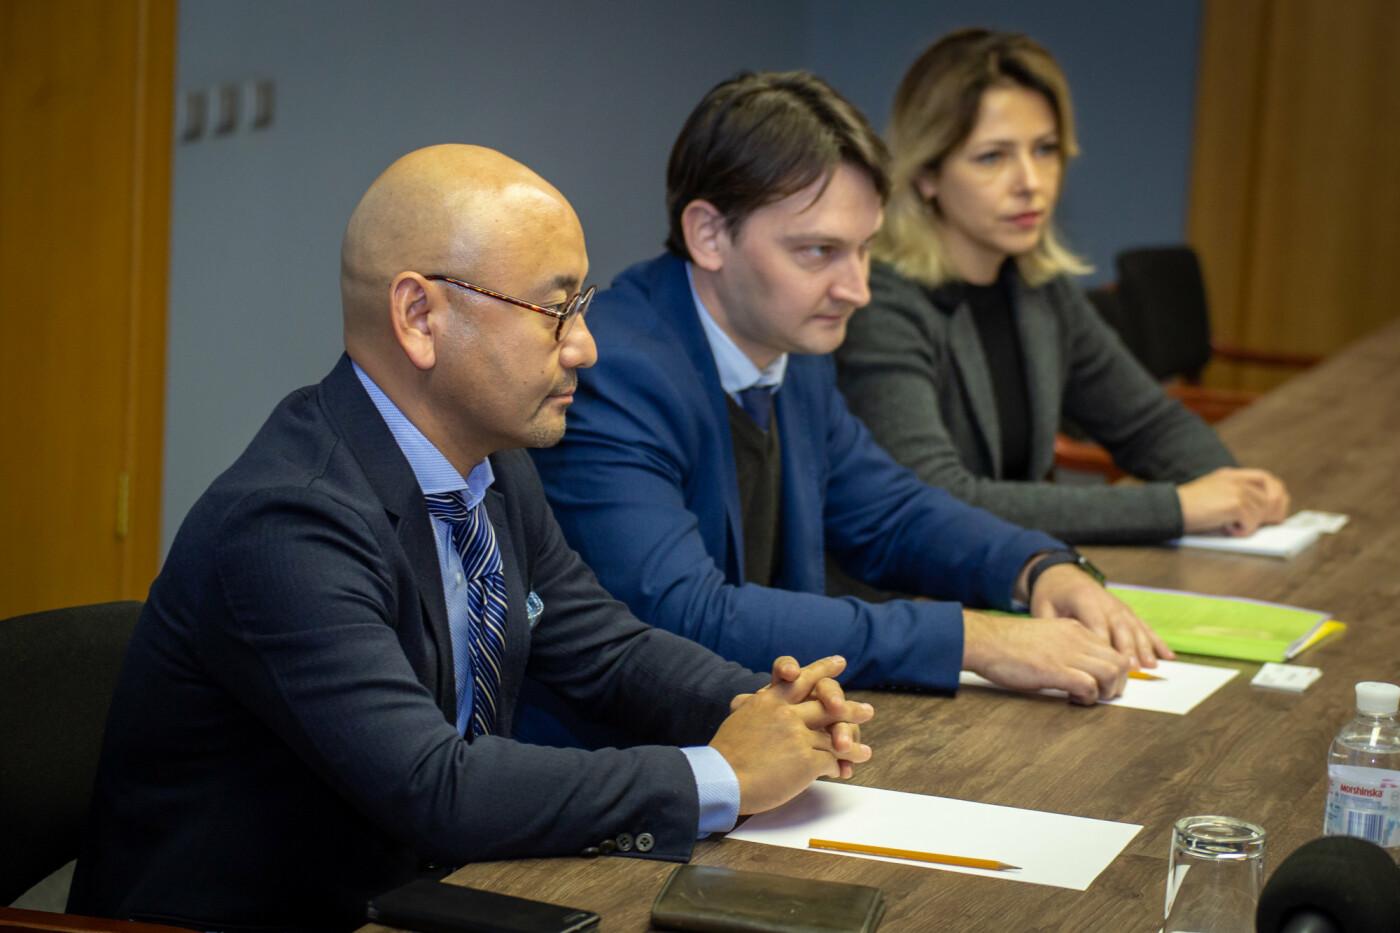 Днепропетровщина и Япония обсудили возможность строительства мусороперерабатывающего завода, - ФОТО, фото-2